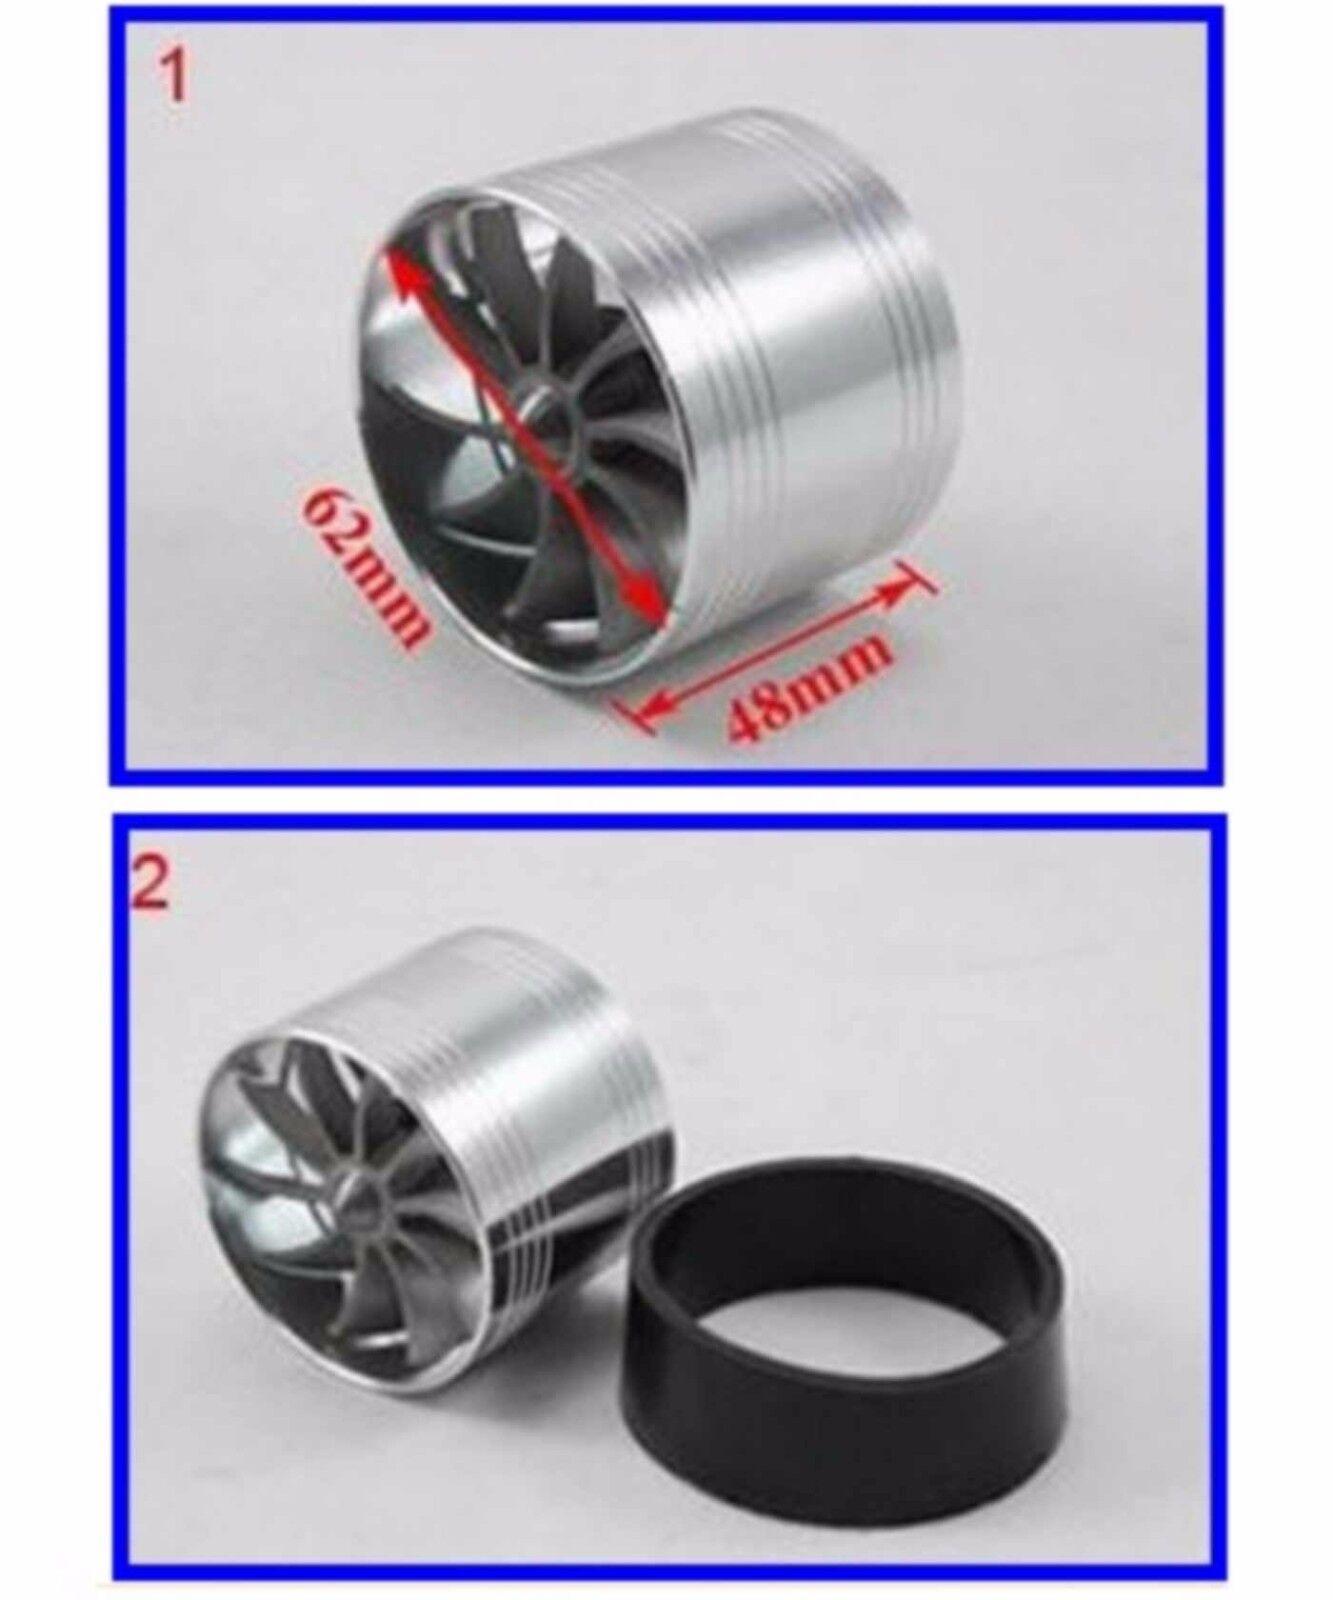 turbo de filtre a air turbine turbimax vortex pour kit d 39 admission directe sport eur 24 88. Black Bedroom Furniture Sets. Home Design Ideas